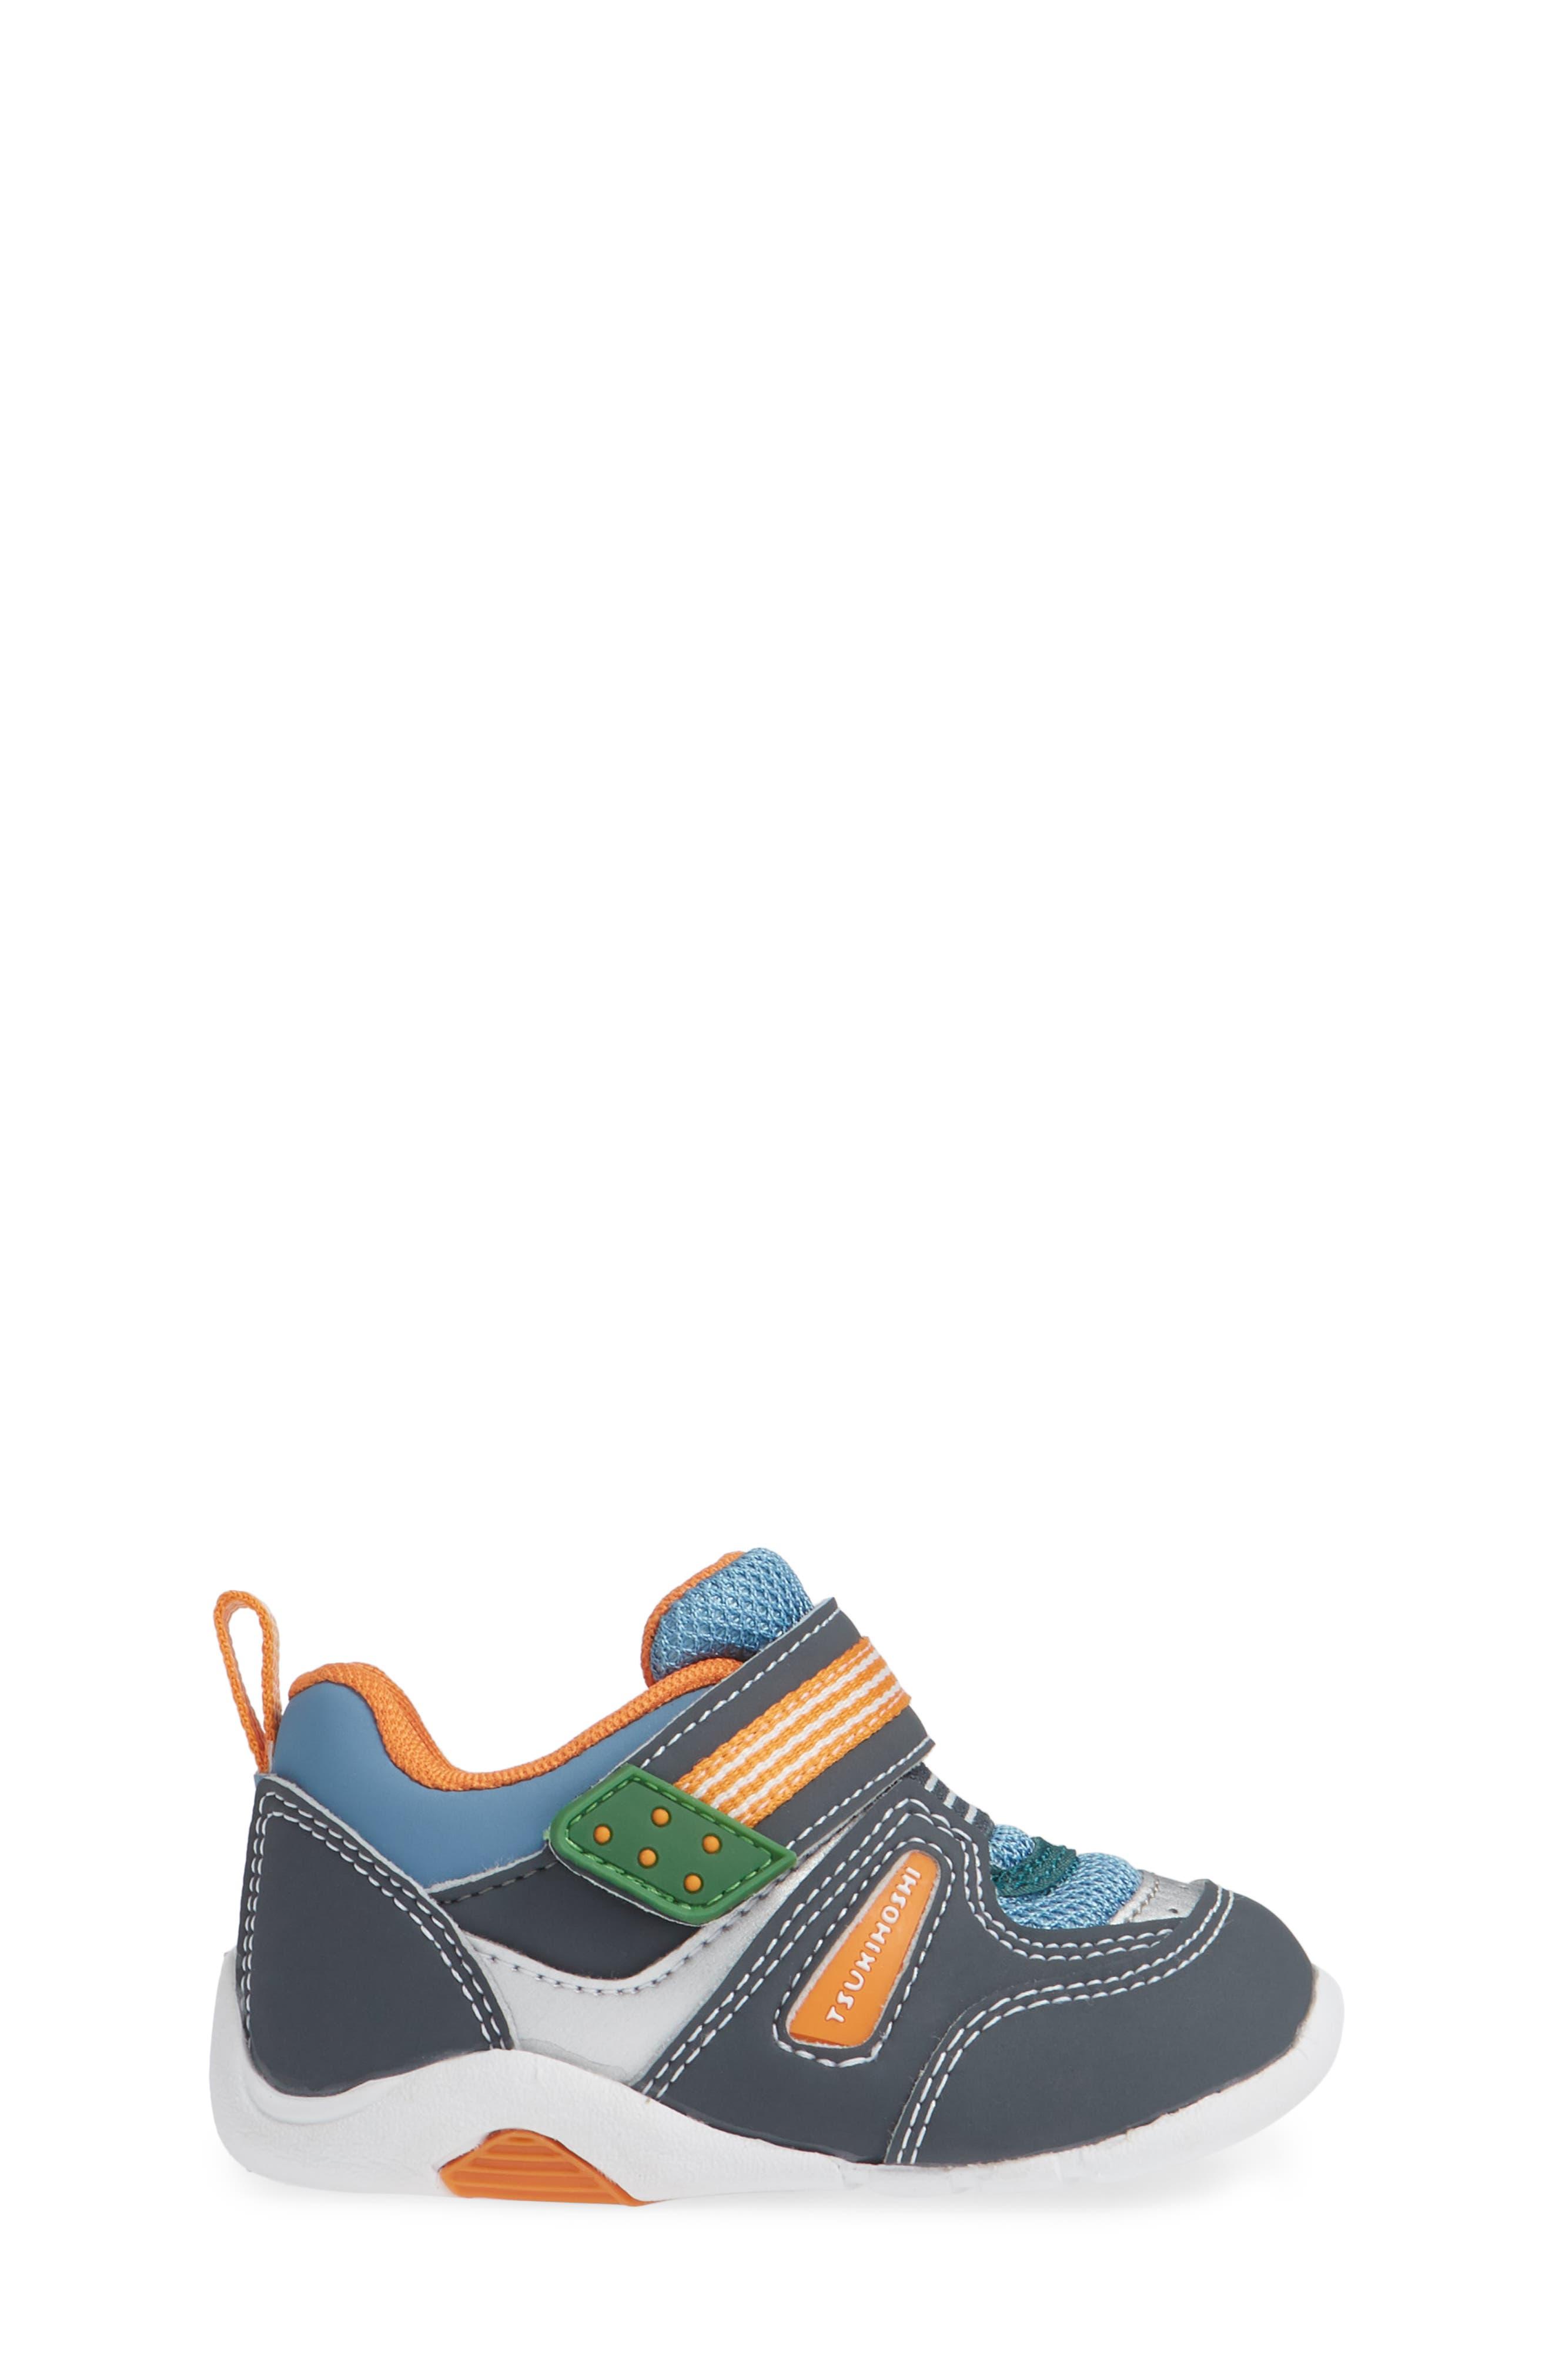 TSUKIHOSHI, Neko Washable Sneaker, Alternate thumbnail 3, color, CHARCOAL/ SEA